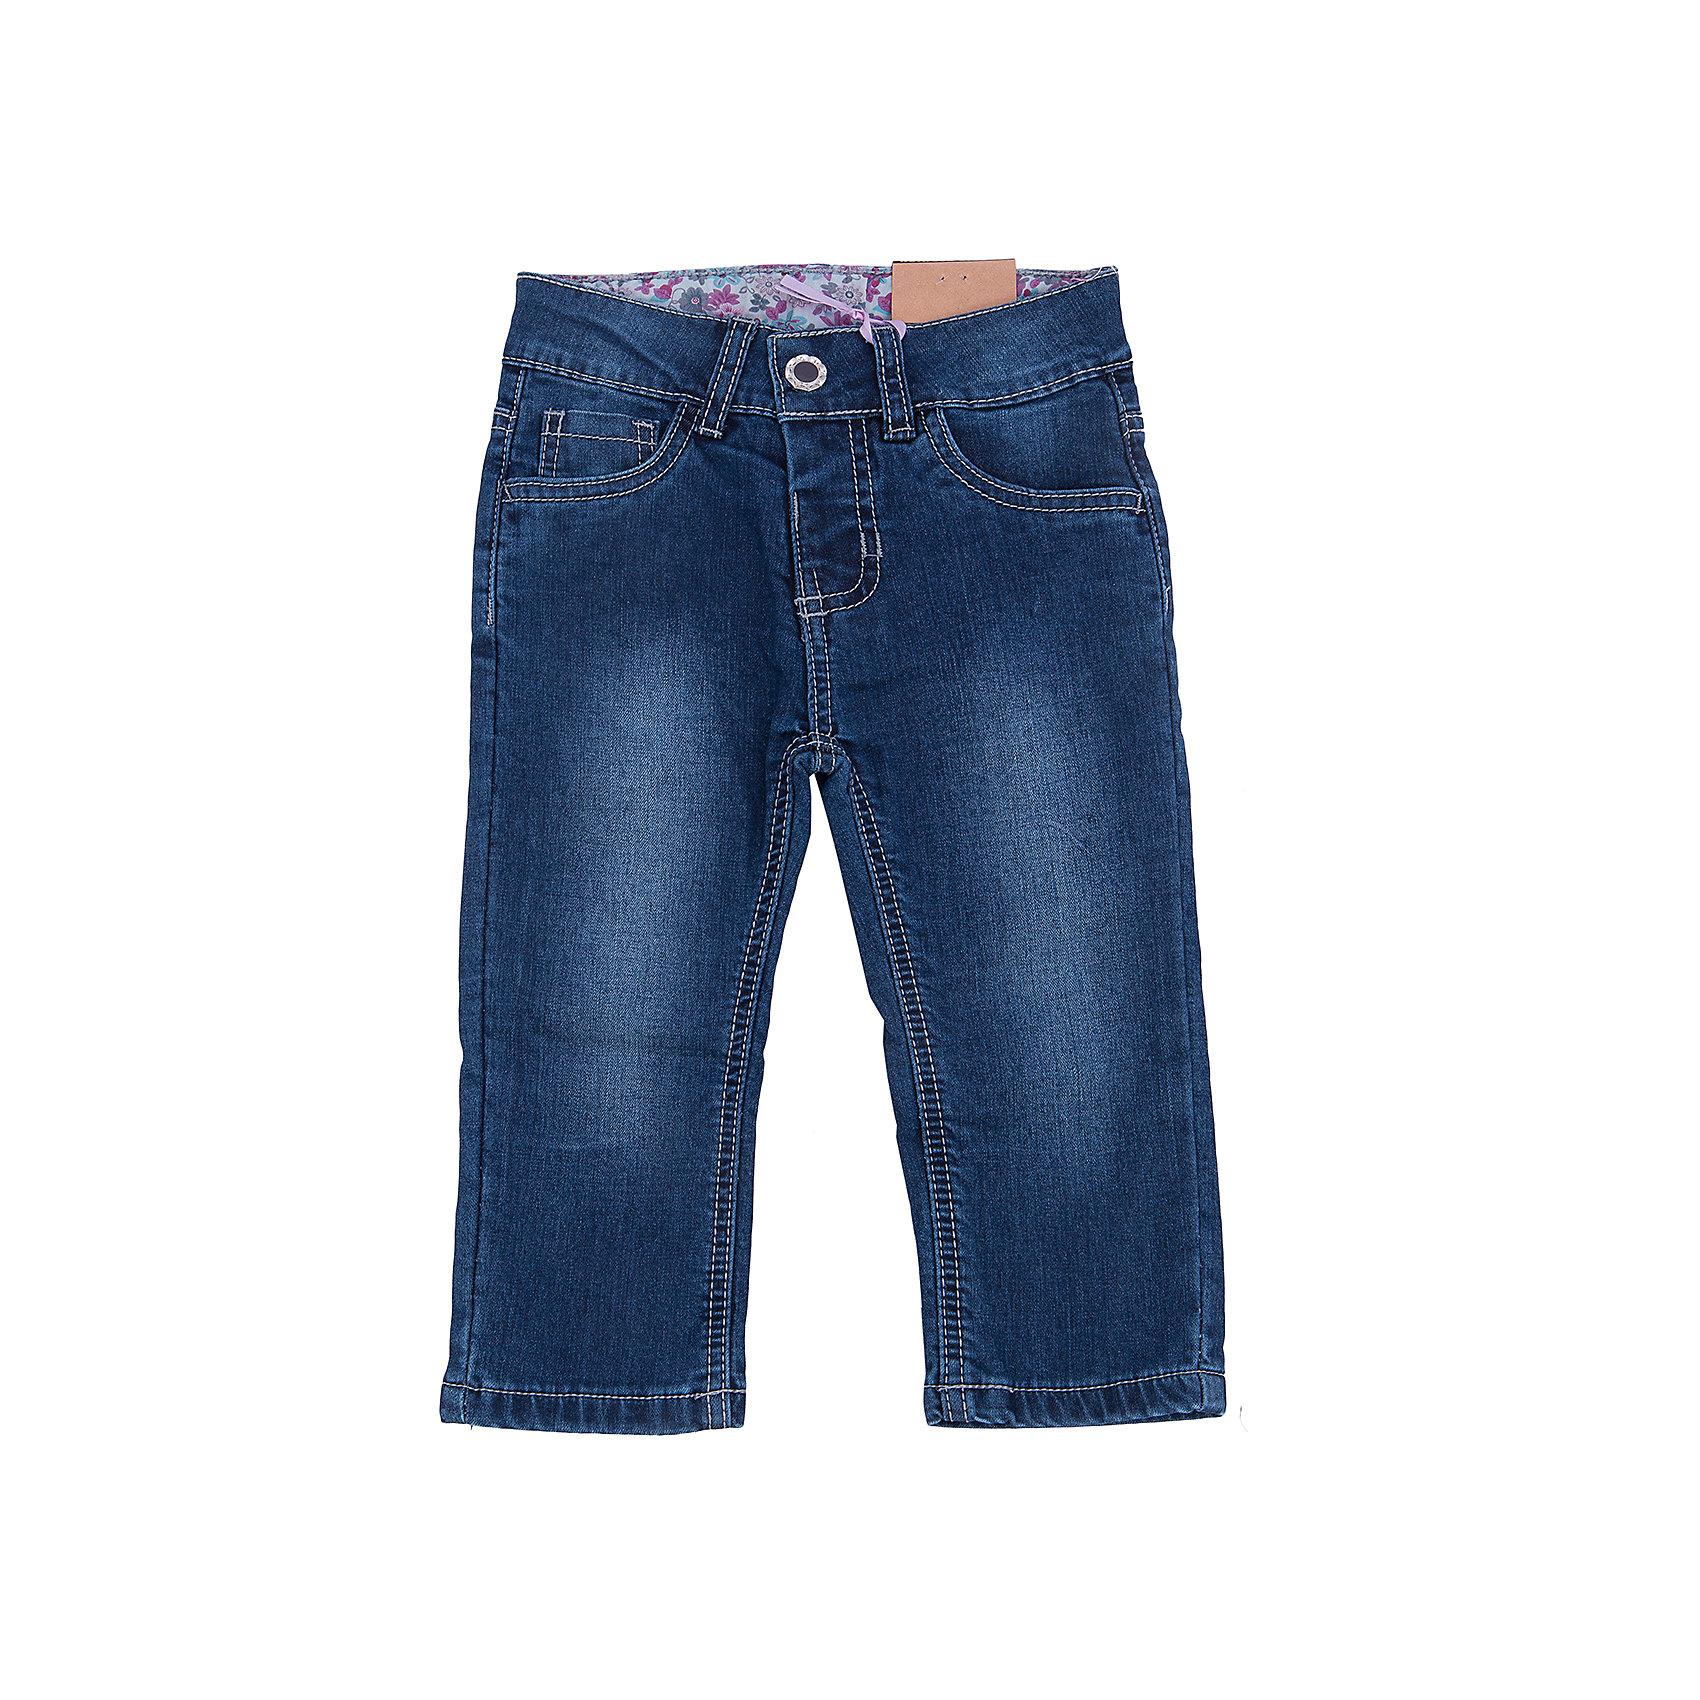 Джинсы для девочки Sweet BerryТакая модель джинсов для девочки отличается модным дизайном с контрастной прострочкой и потертостями. Удачный крой обеспечит ребенку комфорт и тепло. Мягкая и теплая подкладка делает вещь идеальной для прохладной погоды. Она плотно прилегает к телу там, где нужно, и отлично сидит по фигуре. Джинсы имеют удобный пояс с регулировкой внутри. Натуральный хлопок обеспечит коже возможность дышать и не вызовет аллергии.<br>Одежда от бренда Sweet Berry - это простой и выгодный способ одеть ребенка удобно и стильно. Всё изделия тщательно проработаны: швы - прочные, материал - качественный, фурнитура - подобранная специально для детей. <br><br>Дополнительная информация:<br><br>цвет: синий;<br>имитация потертостей;<br>материал: 100% хлопок, подкладка - 100% хлопок;<br>пояс с регулировкой внутри.<br><br>Джинсы для девочки от бренда Sweet Berry можно купить в нашем интернет-магазине.<br><br>Ширина мм: 215<br>Глубина мм: 88<br>Высота мм: 191<br>Вес г: 336<br>Цвет: синий<br>Возраст от месяцев: 24<br>Возраст до месяцев: 36<br>Пол: Женский<br>Возраст: Детский<br>Размер: 98,80,86,92<br>SKU: 4931198